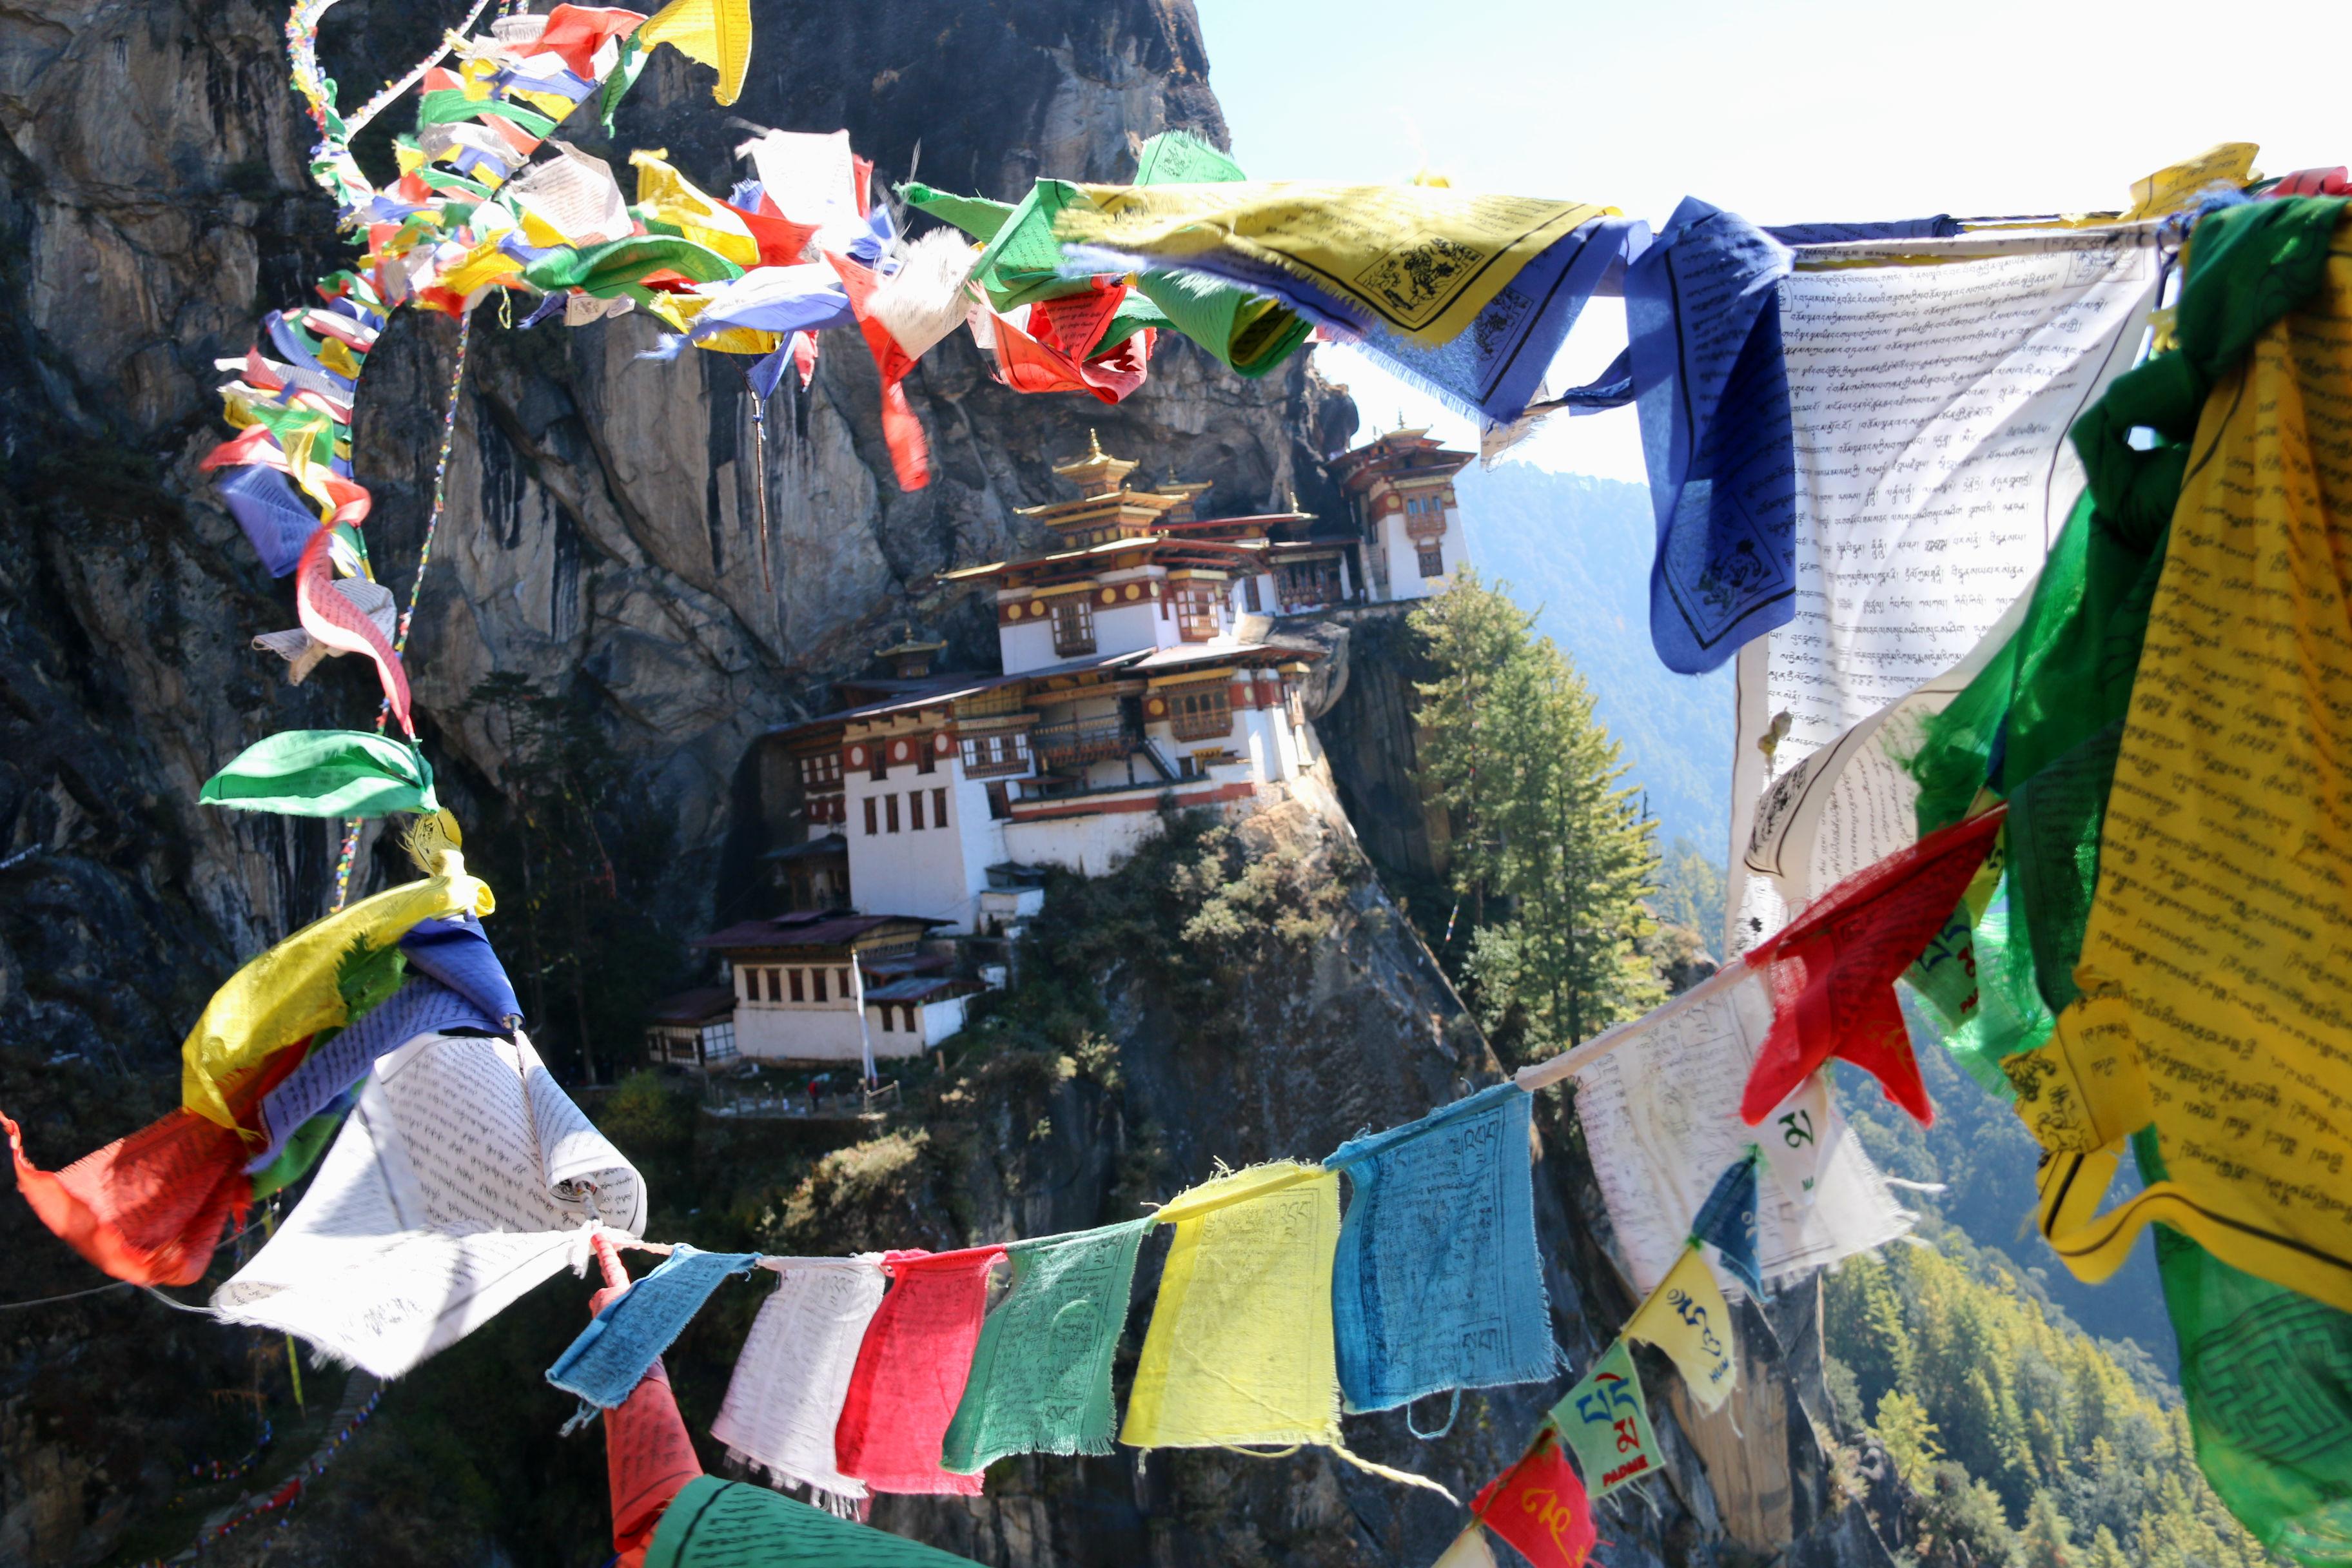 Пенисы на домах, табу на мясо, Министерство счастья и другие чудеса Бутана